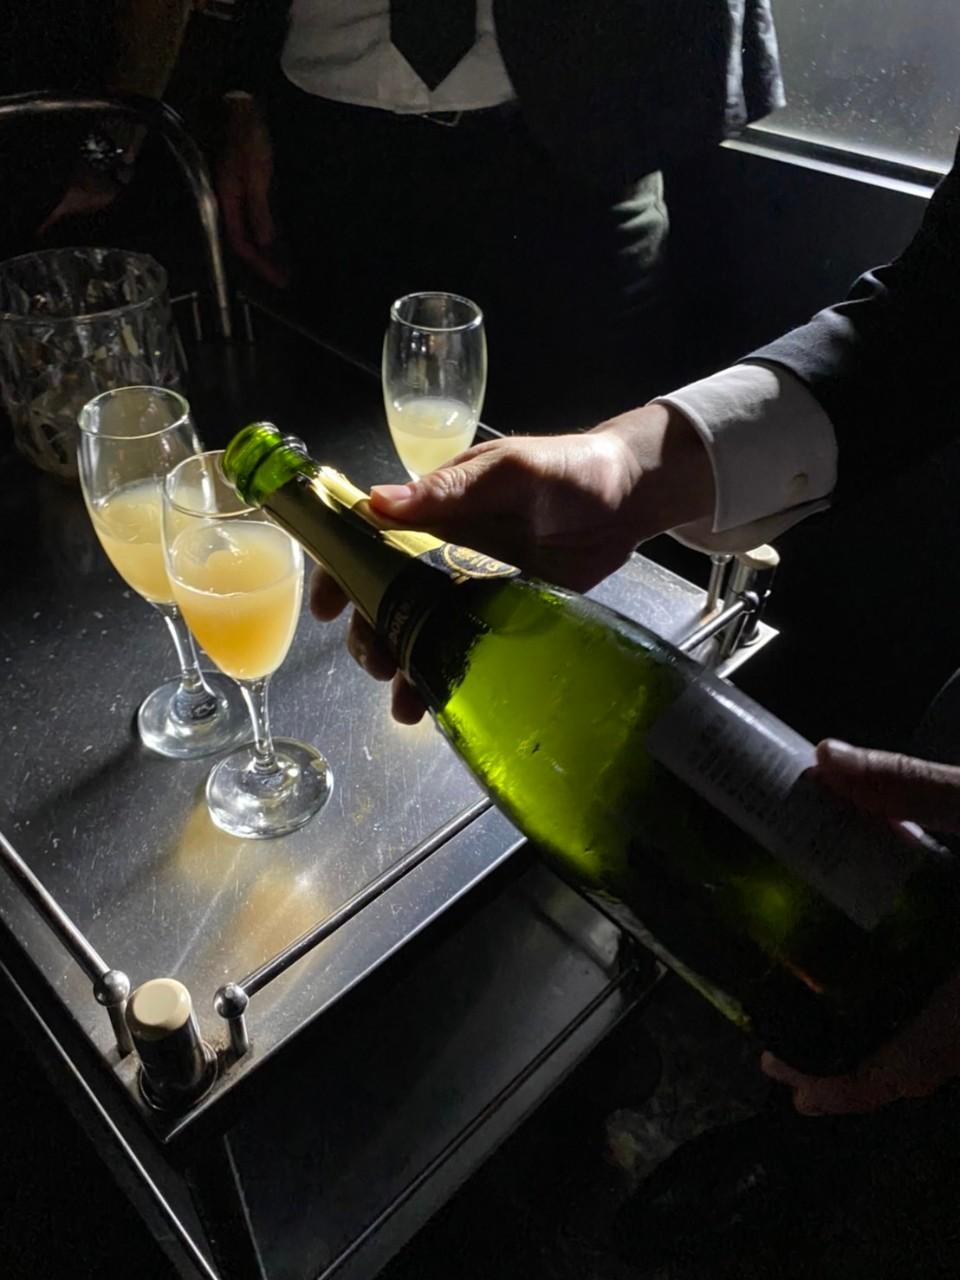 注がれるシャンパン